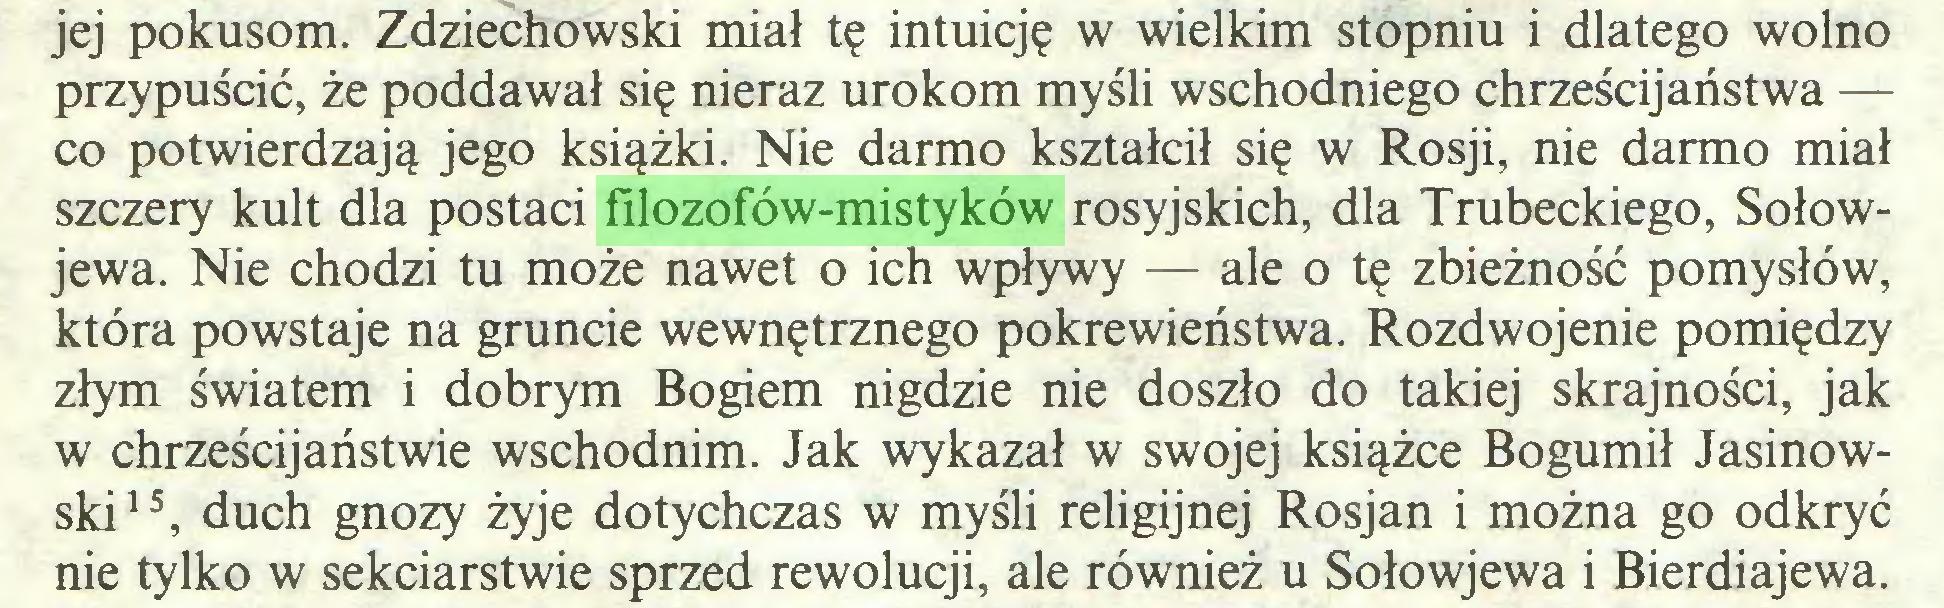 (...) jej pokusom. Zdziechowski miał tę intuicję w wielkim stopniu i dlatego wolno przypuścić, że poddawał się nieraz urokom myśli wschodniego chrześcijaństwa — co potwierdzają jego książki. Nie darmo kształcił się w Rosji, nie darmo miał szczery kult dla postaci filozofów-mistyków rosyjskich, dla Trubeckiego, Sołowjewa. Nie chodzi tu może nawet o ich wpływy — ale o tę zbieżność pomysłów, która powstaje na gruncie wewnętrznego pokrewieństwa. Rozdwojenie pomiędzy złym światem i dobrym Bogiem nigdzie nie doszło do takiej skrajności, jak w chrześcijaństwie wschodnim. Jak wykazał w swojej książce Bogumił Jasinowski15, duch gnozy żyje dotychczas w myśli religijnej Rosjan i można go odkryć nie tylko w sekciarstwie sprzed rewolucji, ale również u Sołowjewa i Bierdiajewa...